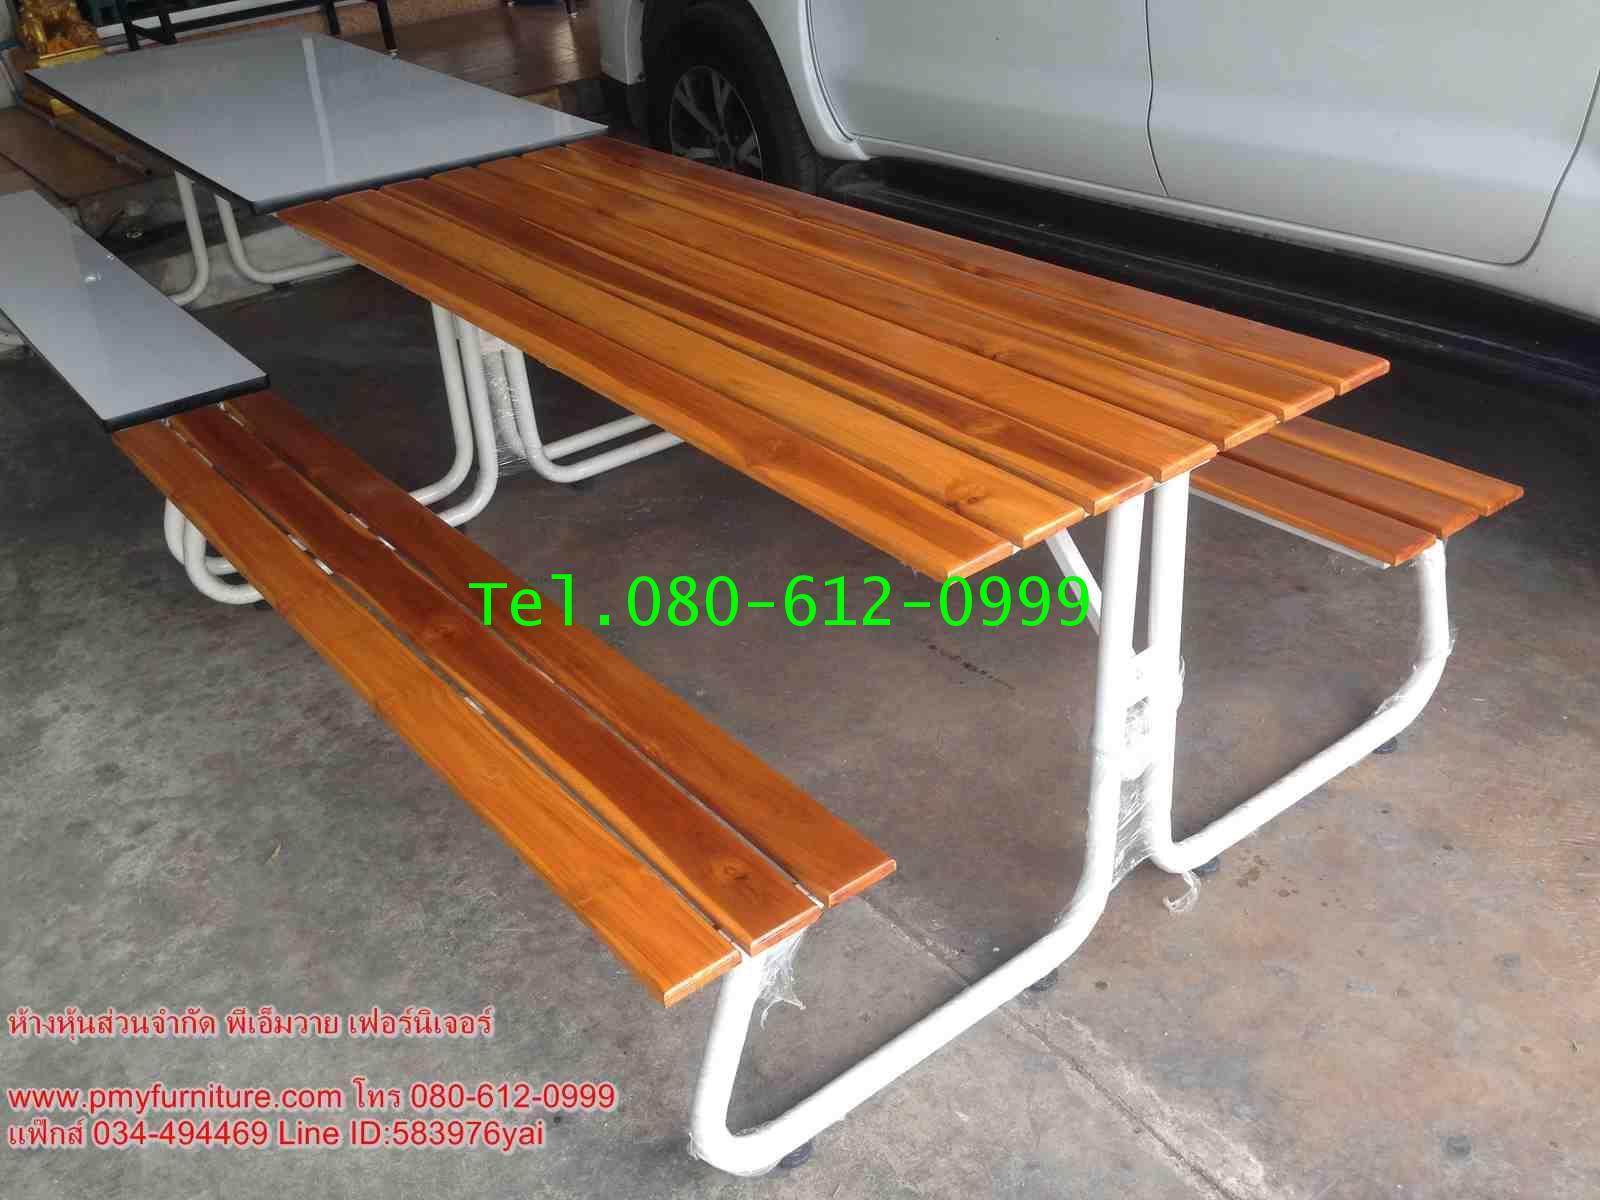 pmy5-3 โต๊ะโรงอาหารขาเขาควาย หน้าไม้สักตีระแนง